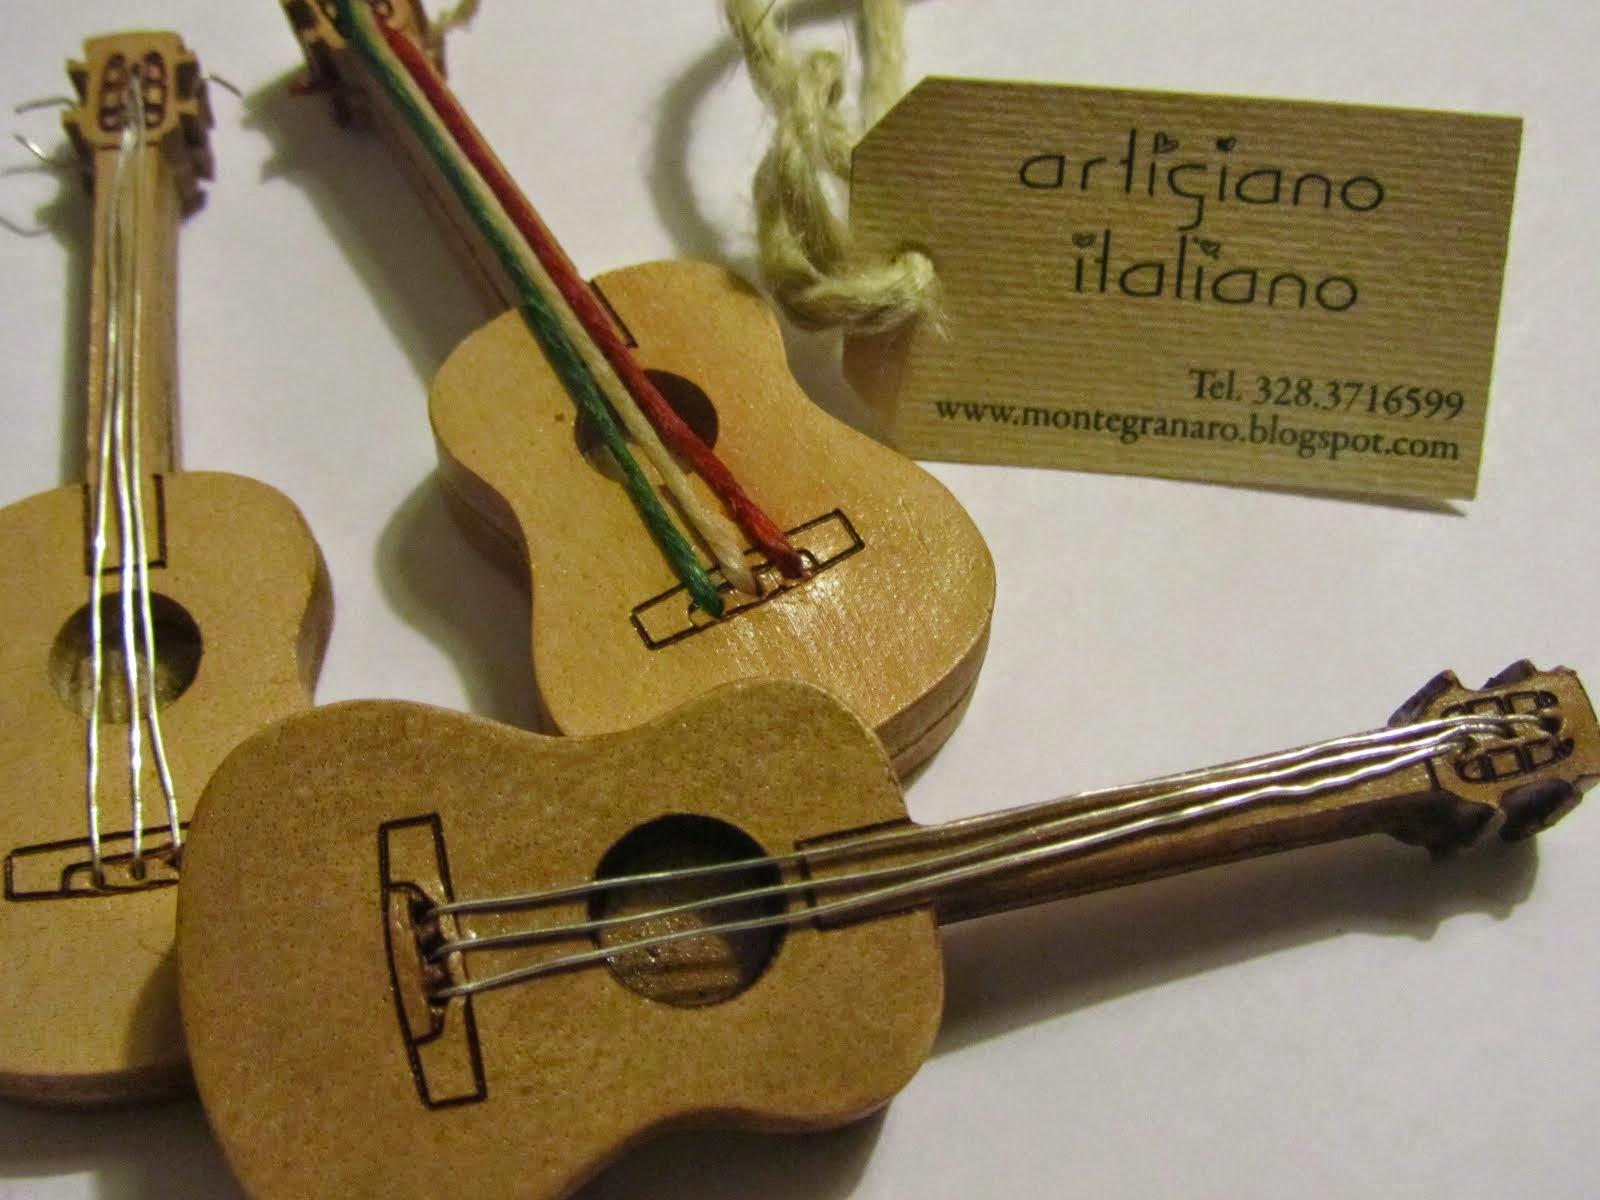 Artigiano che produce chitarre e tracolle in pelle